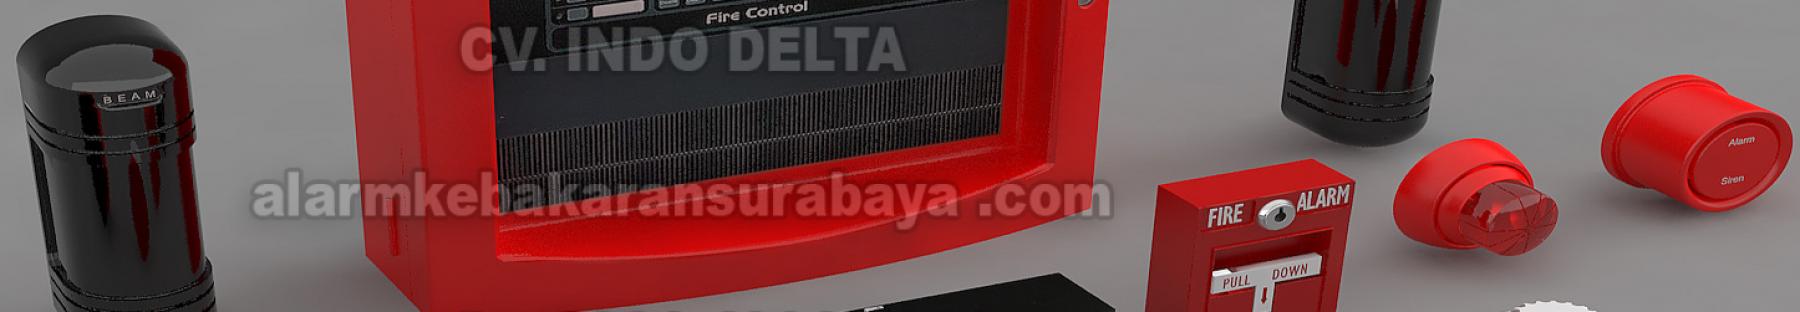 Alarm Kebakaran Surabaya Fire System CV INDODELTA